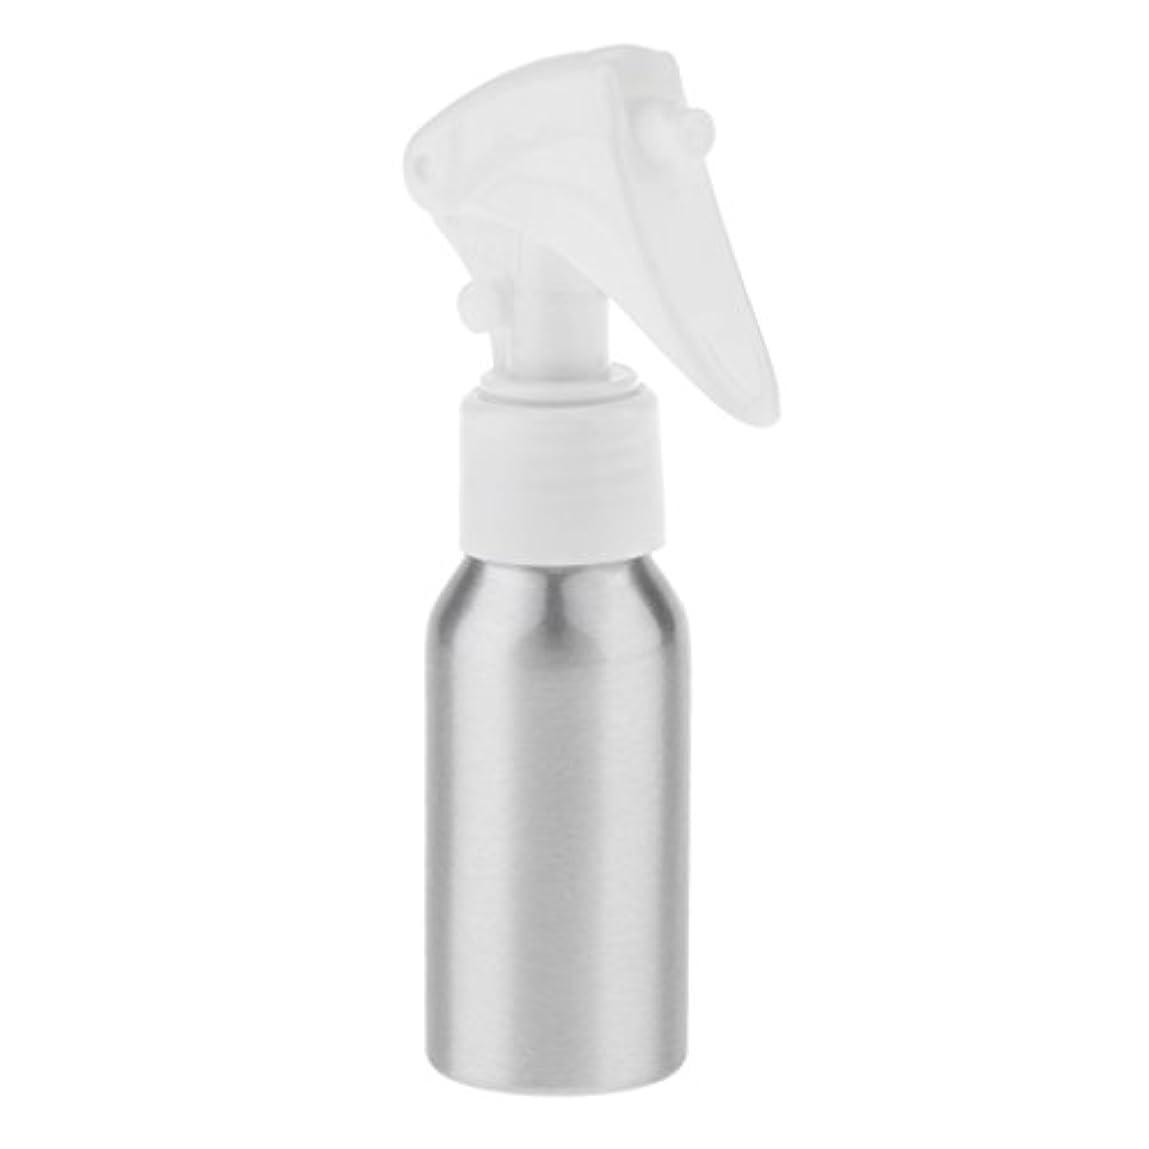 エンターテインメント冒険者ほんのスプレーボトル ポンプボトル 水スプレー 噴霧器 調合用水 ヘアーサロン 家庭用 植物 6サイズ選択 - 50ML